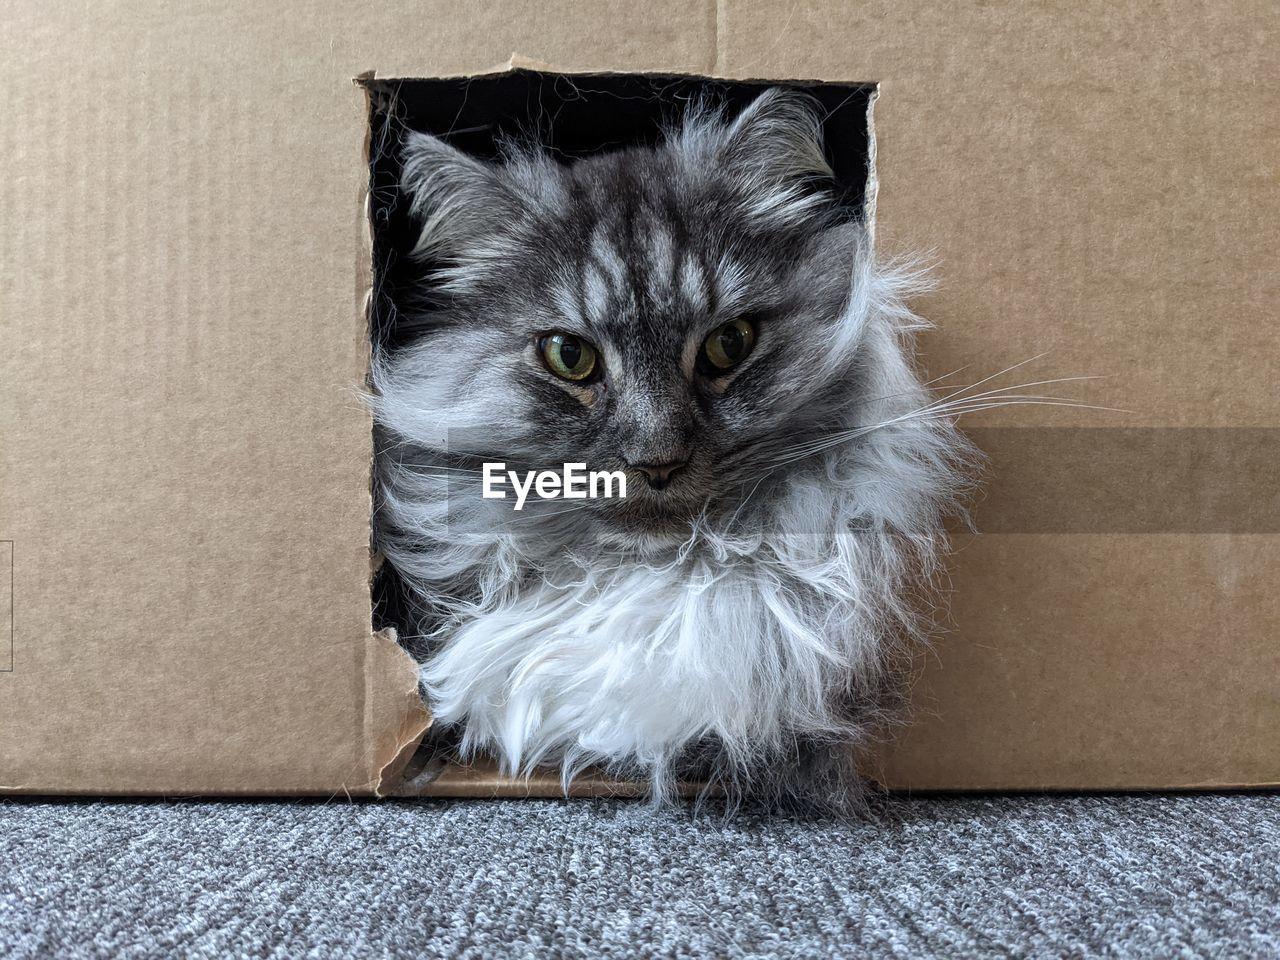 PORTRAIT OF A CAT IN A BOX